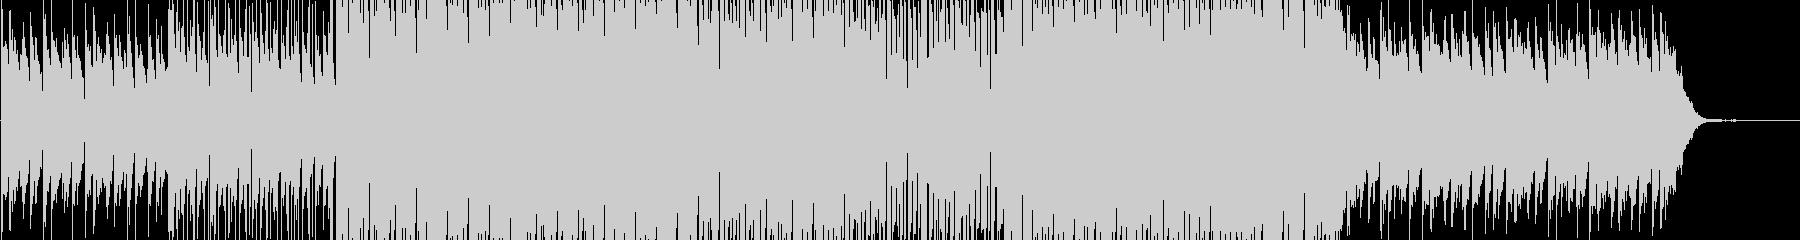 少し切ない雰囲気のハウステイストBGMの未再生の波形